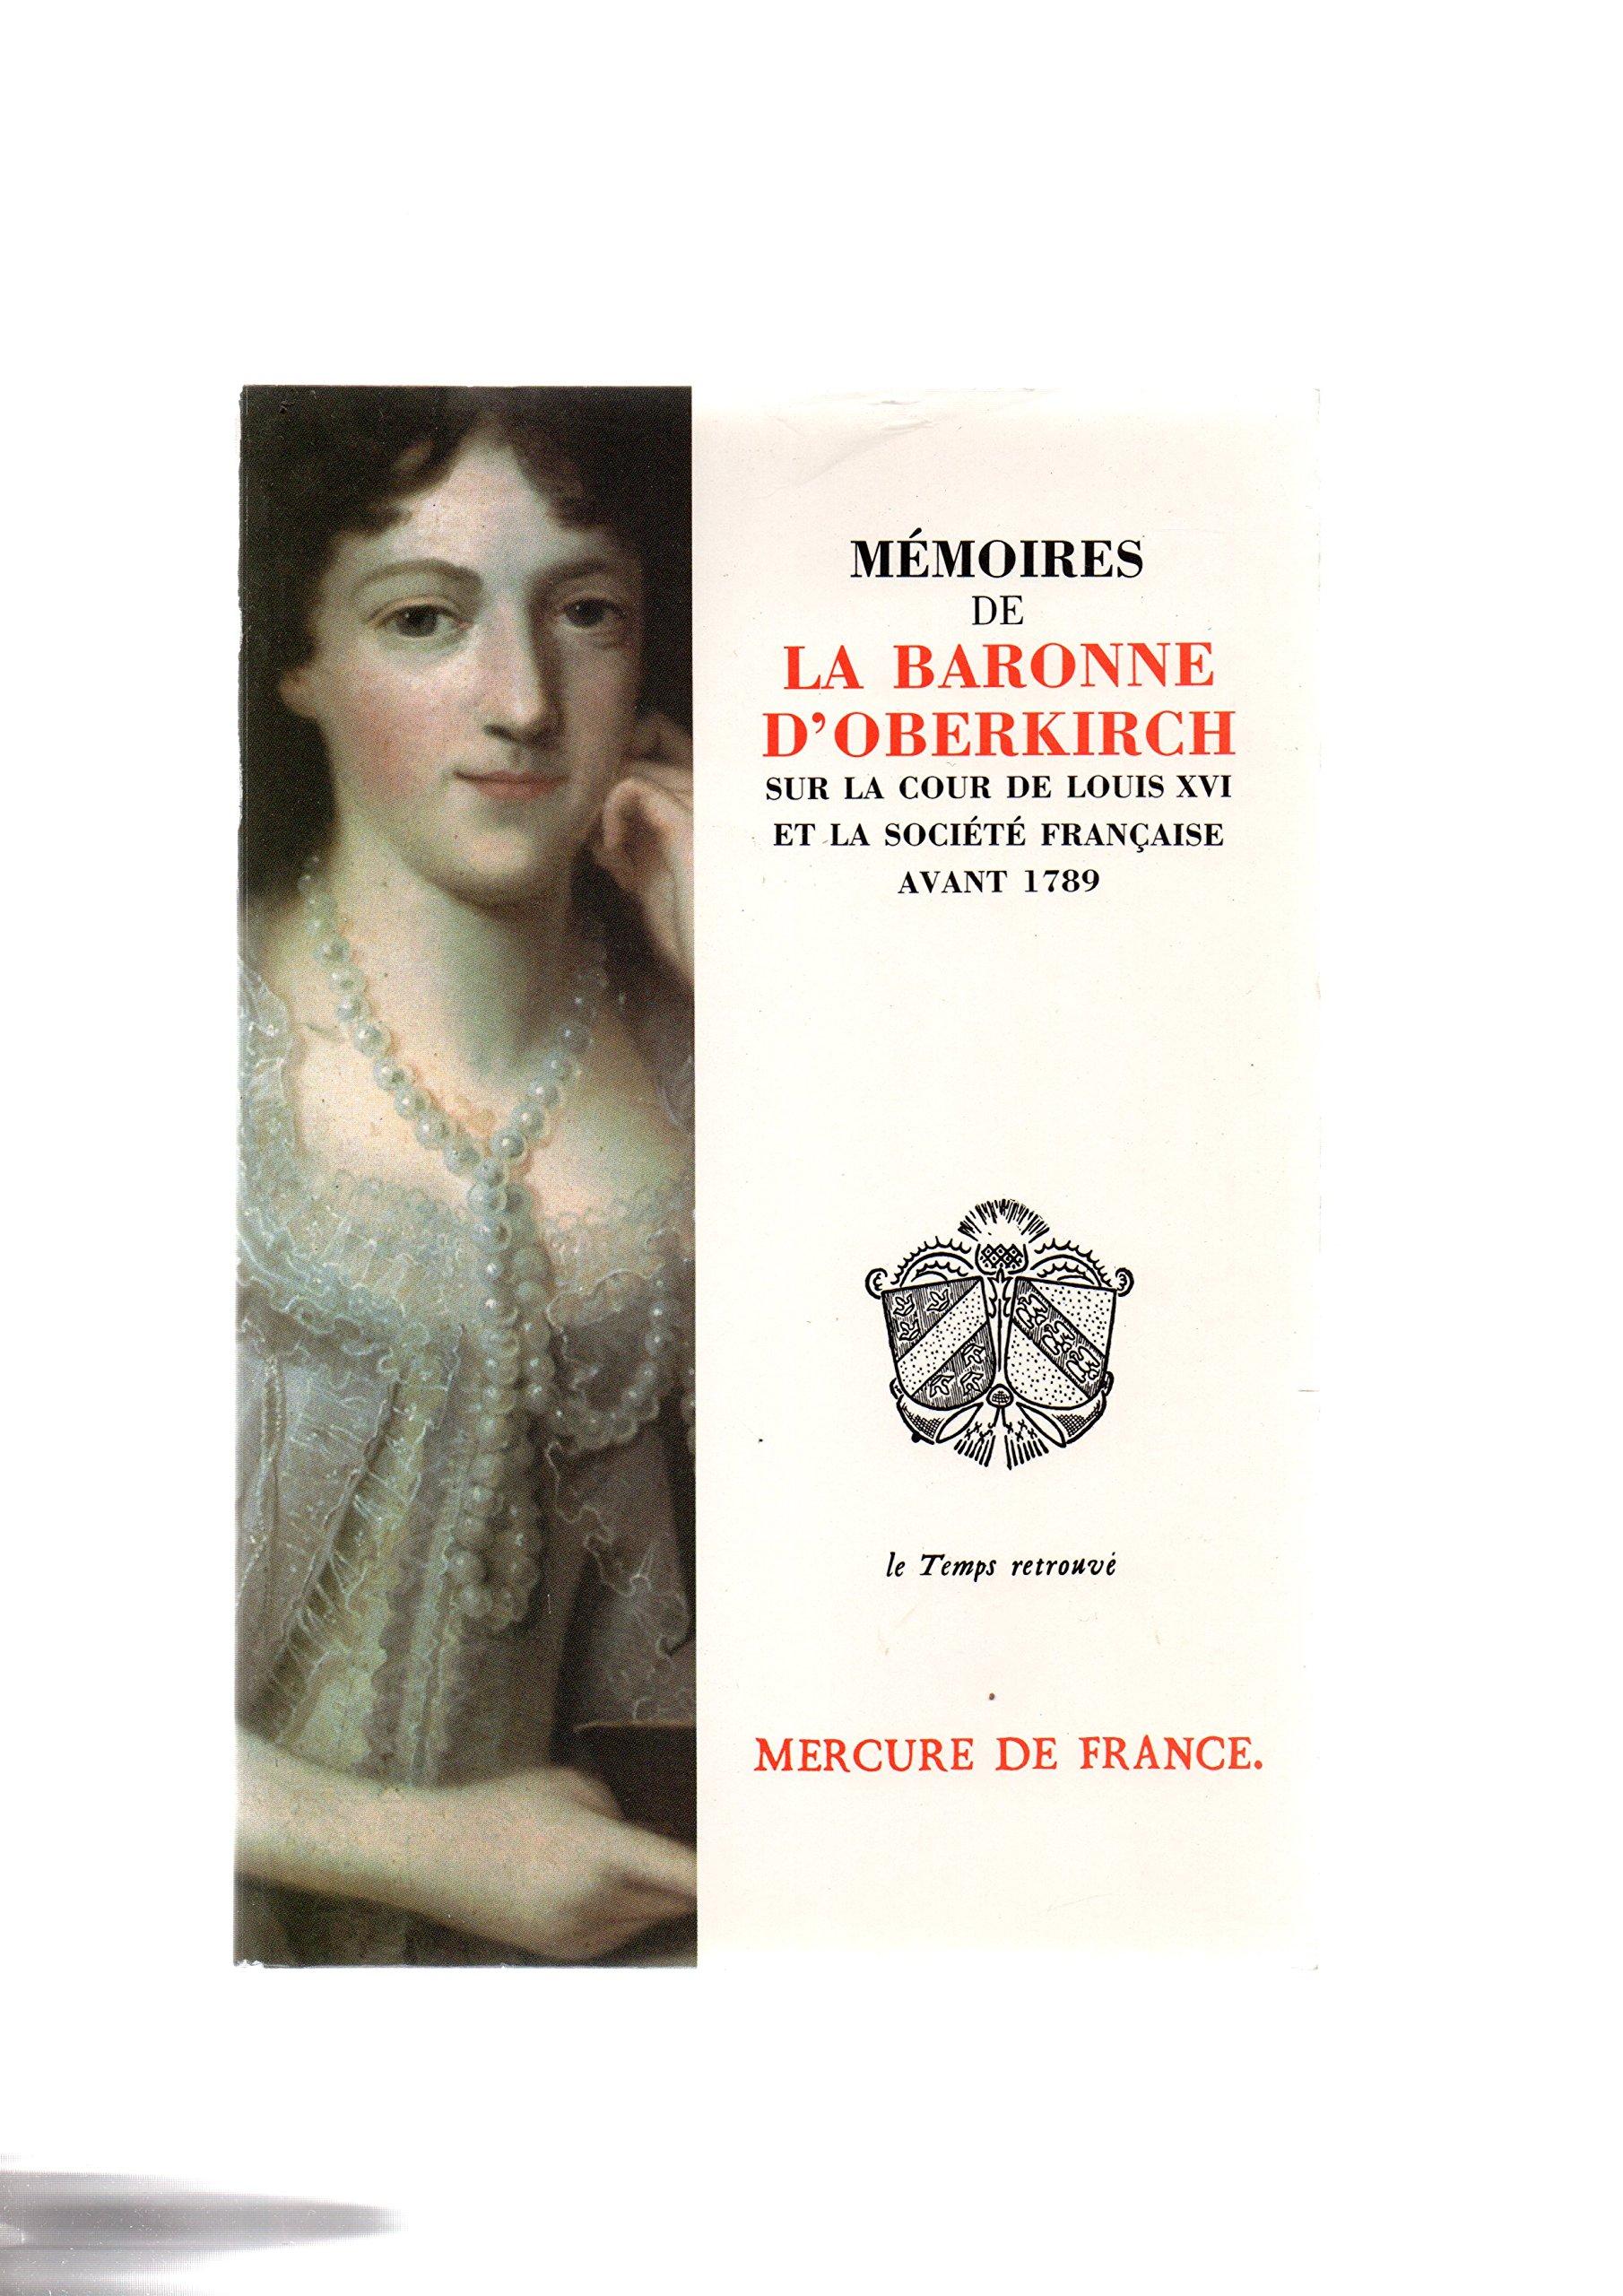 Mémoires sur la cour de Louis XVI et la société française avant 1789. Baronne d'Oberkirch 91v0Wdk4TcL